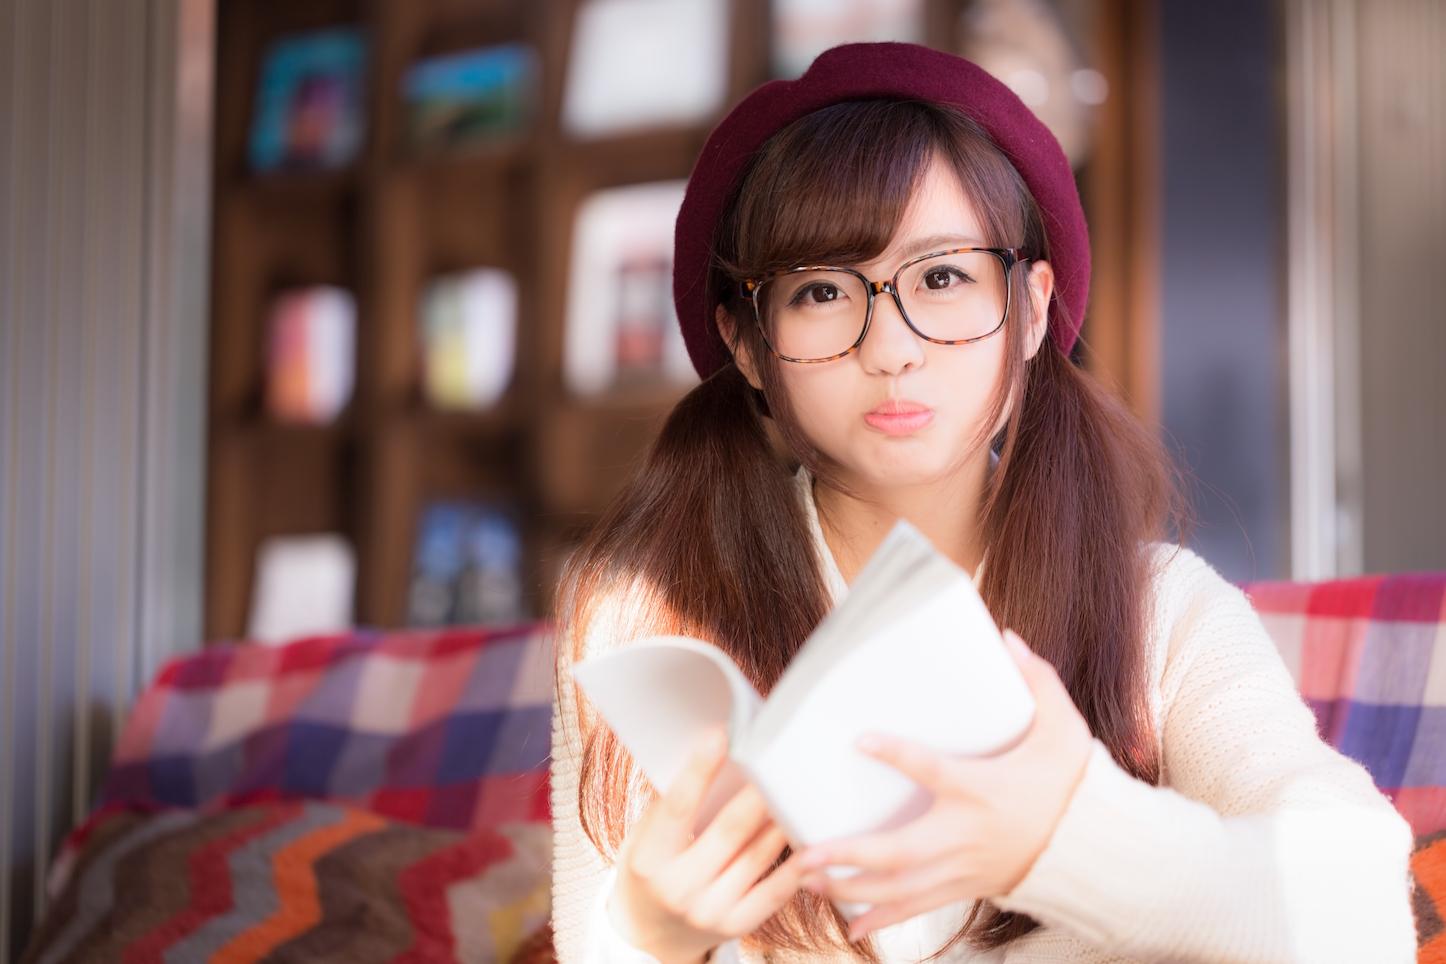 Reading-a-Book-Yuka-Kawamura.jpg